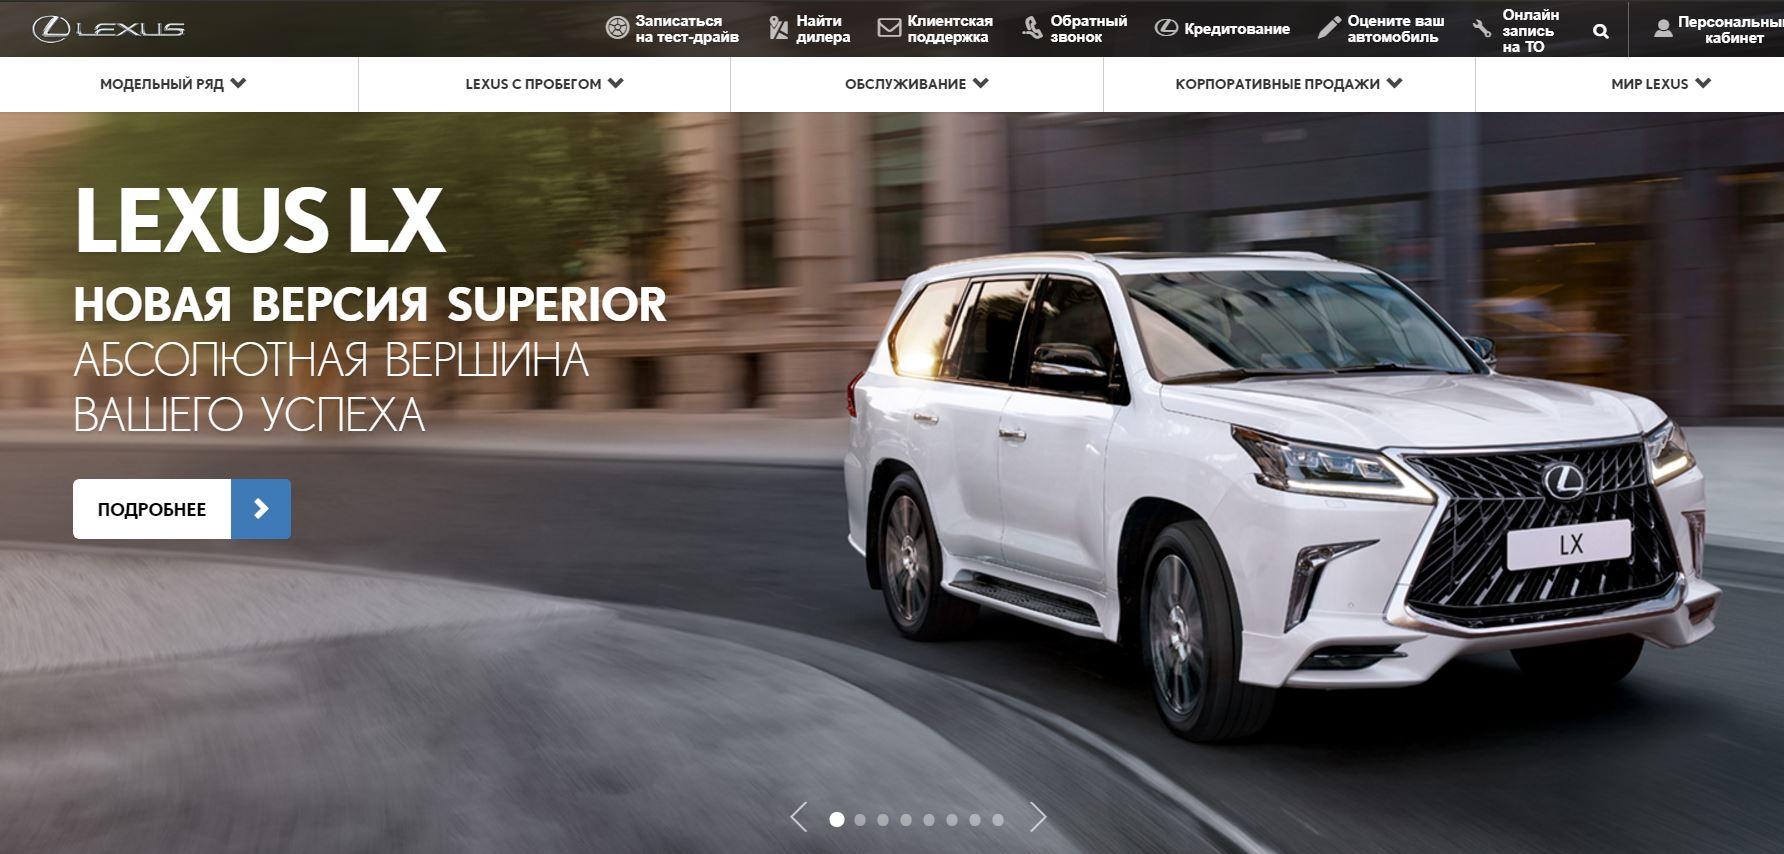 Пример корпоративного сайта